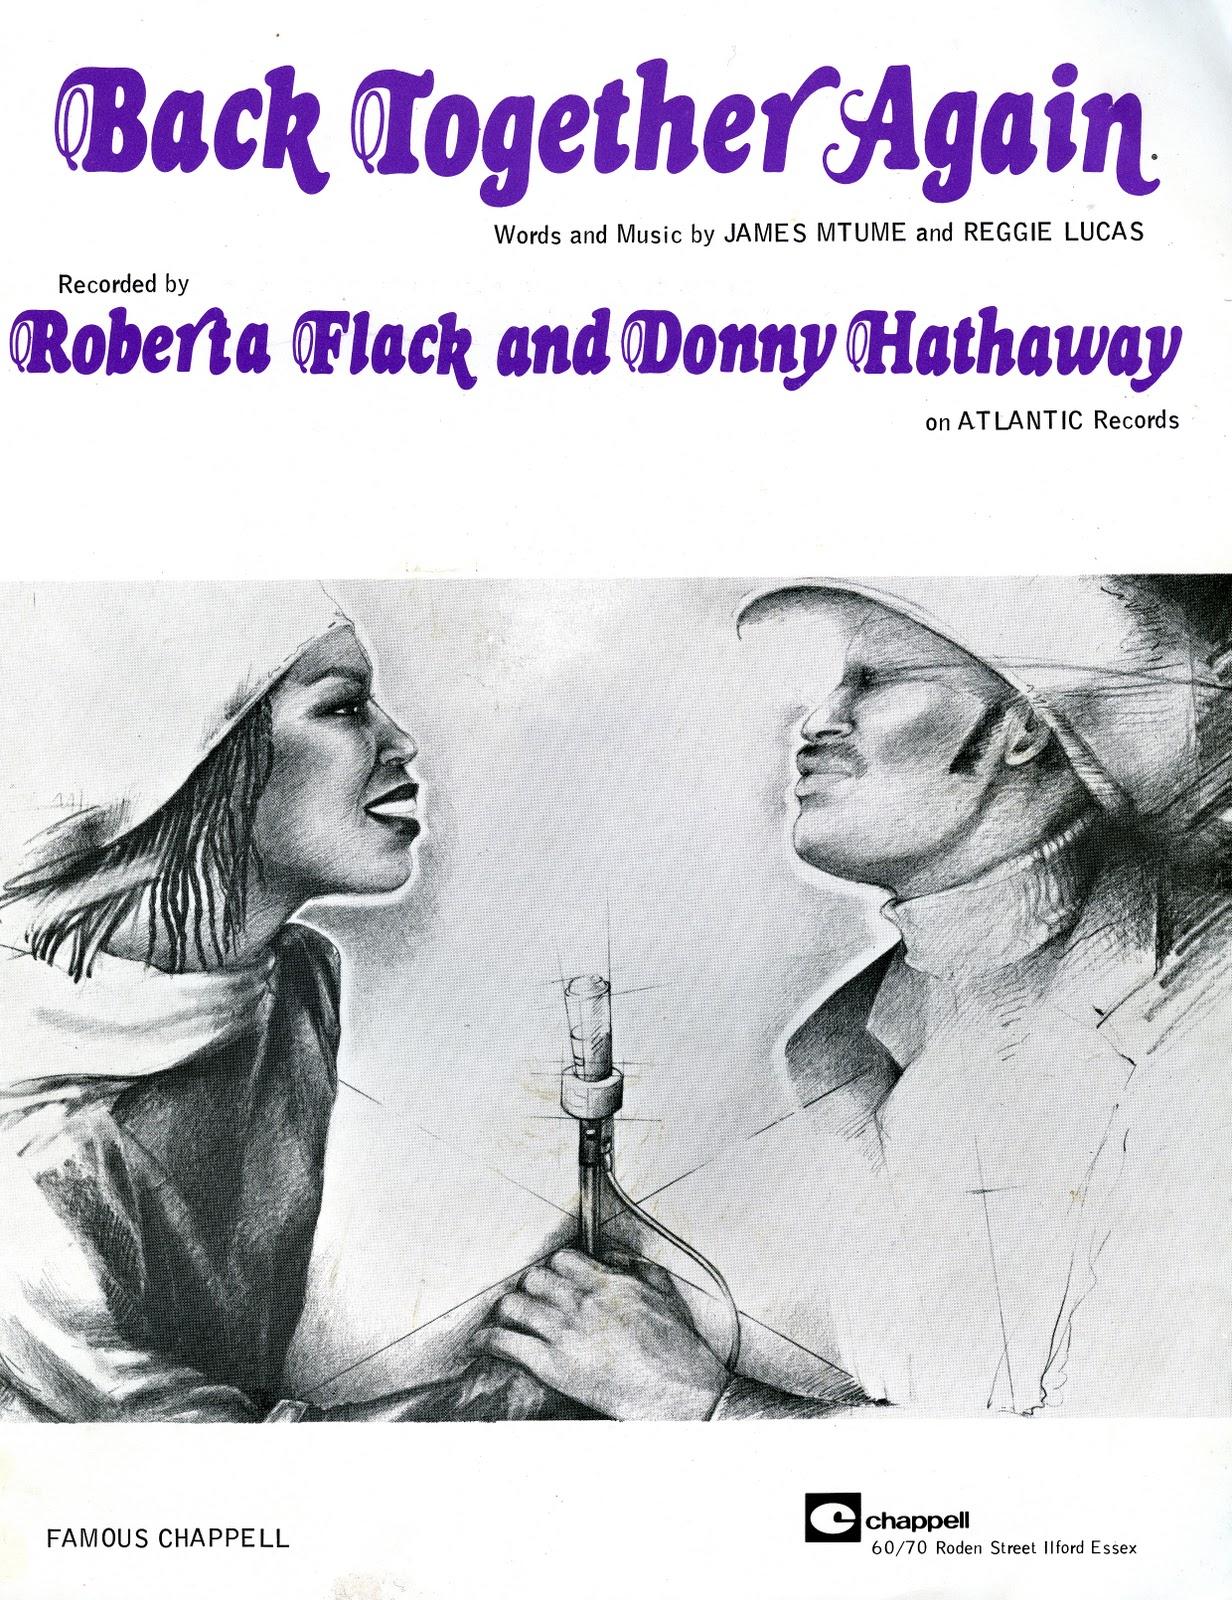 Donny Hathaway Midi Karaoke